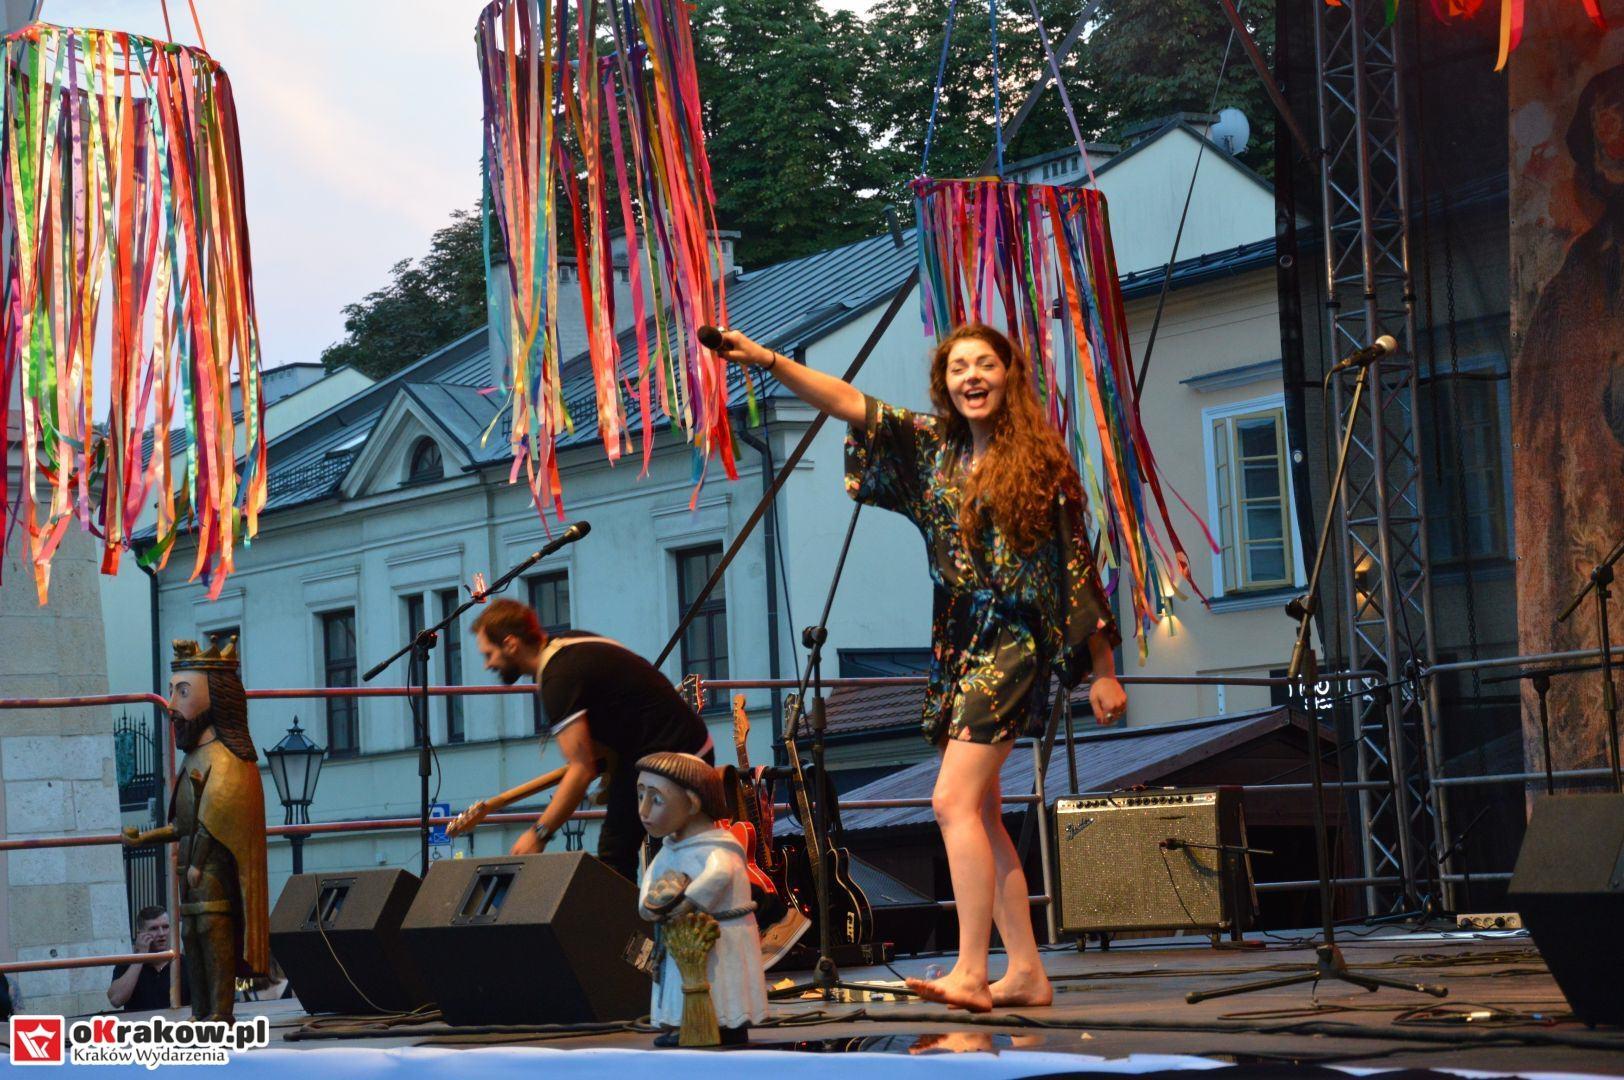 krakow festiwal pierogow maly rynek koncert cheap tobacco 181 150x150 - Galeria zdjęć Festiwal Pierogów Kraków 2018 + zdjęcia z koncertu Cheap Tobacco